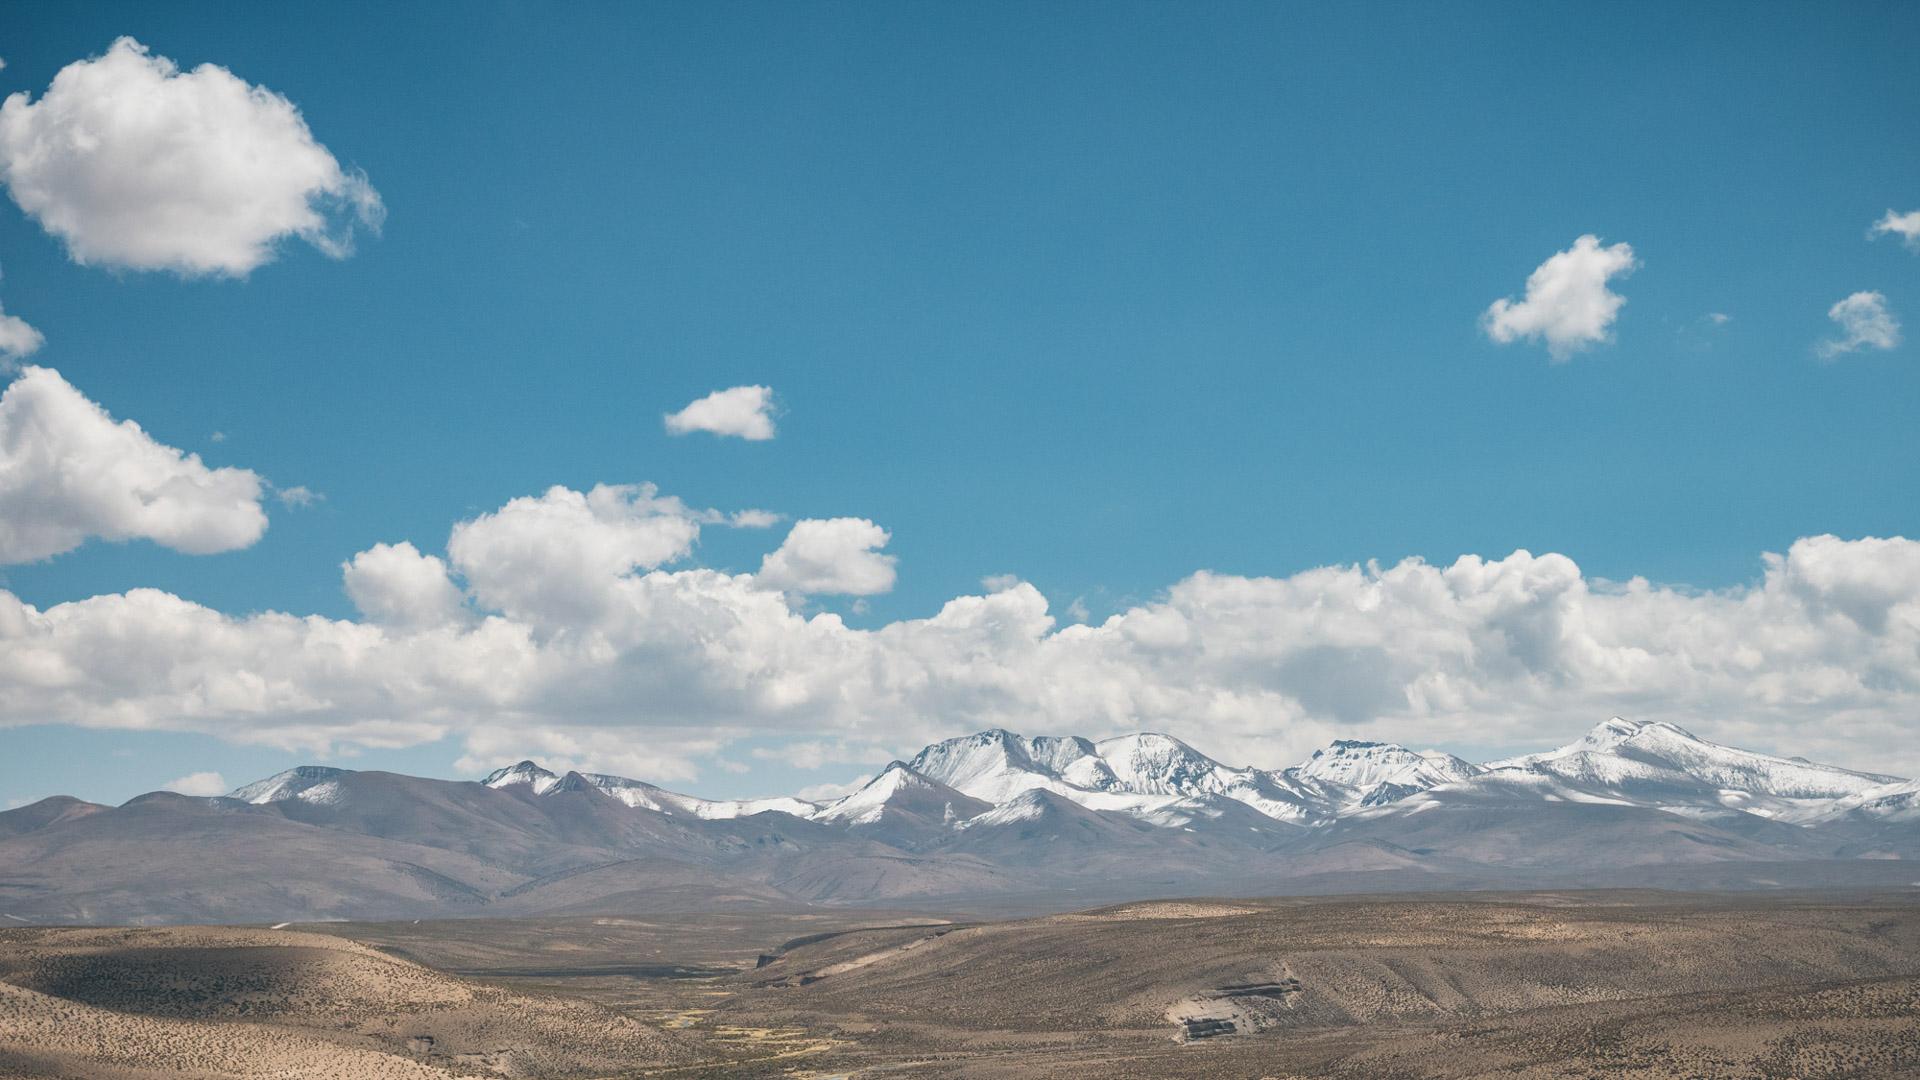 Paysage sur la magnifique chaîne montagneuse